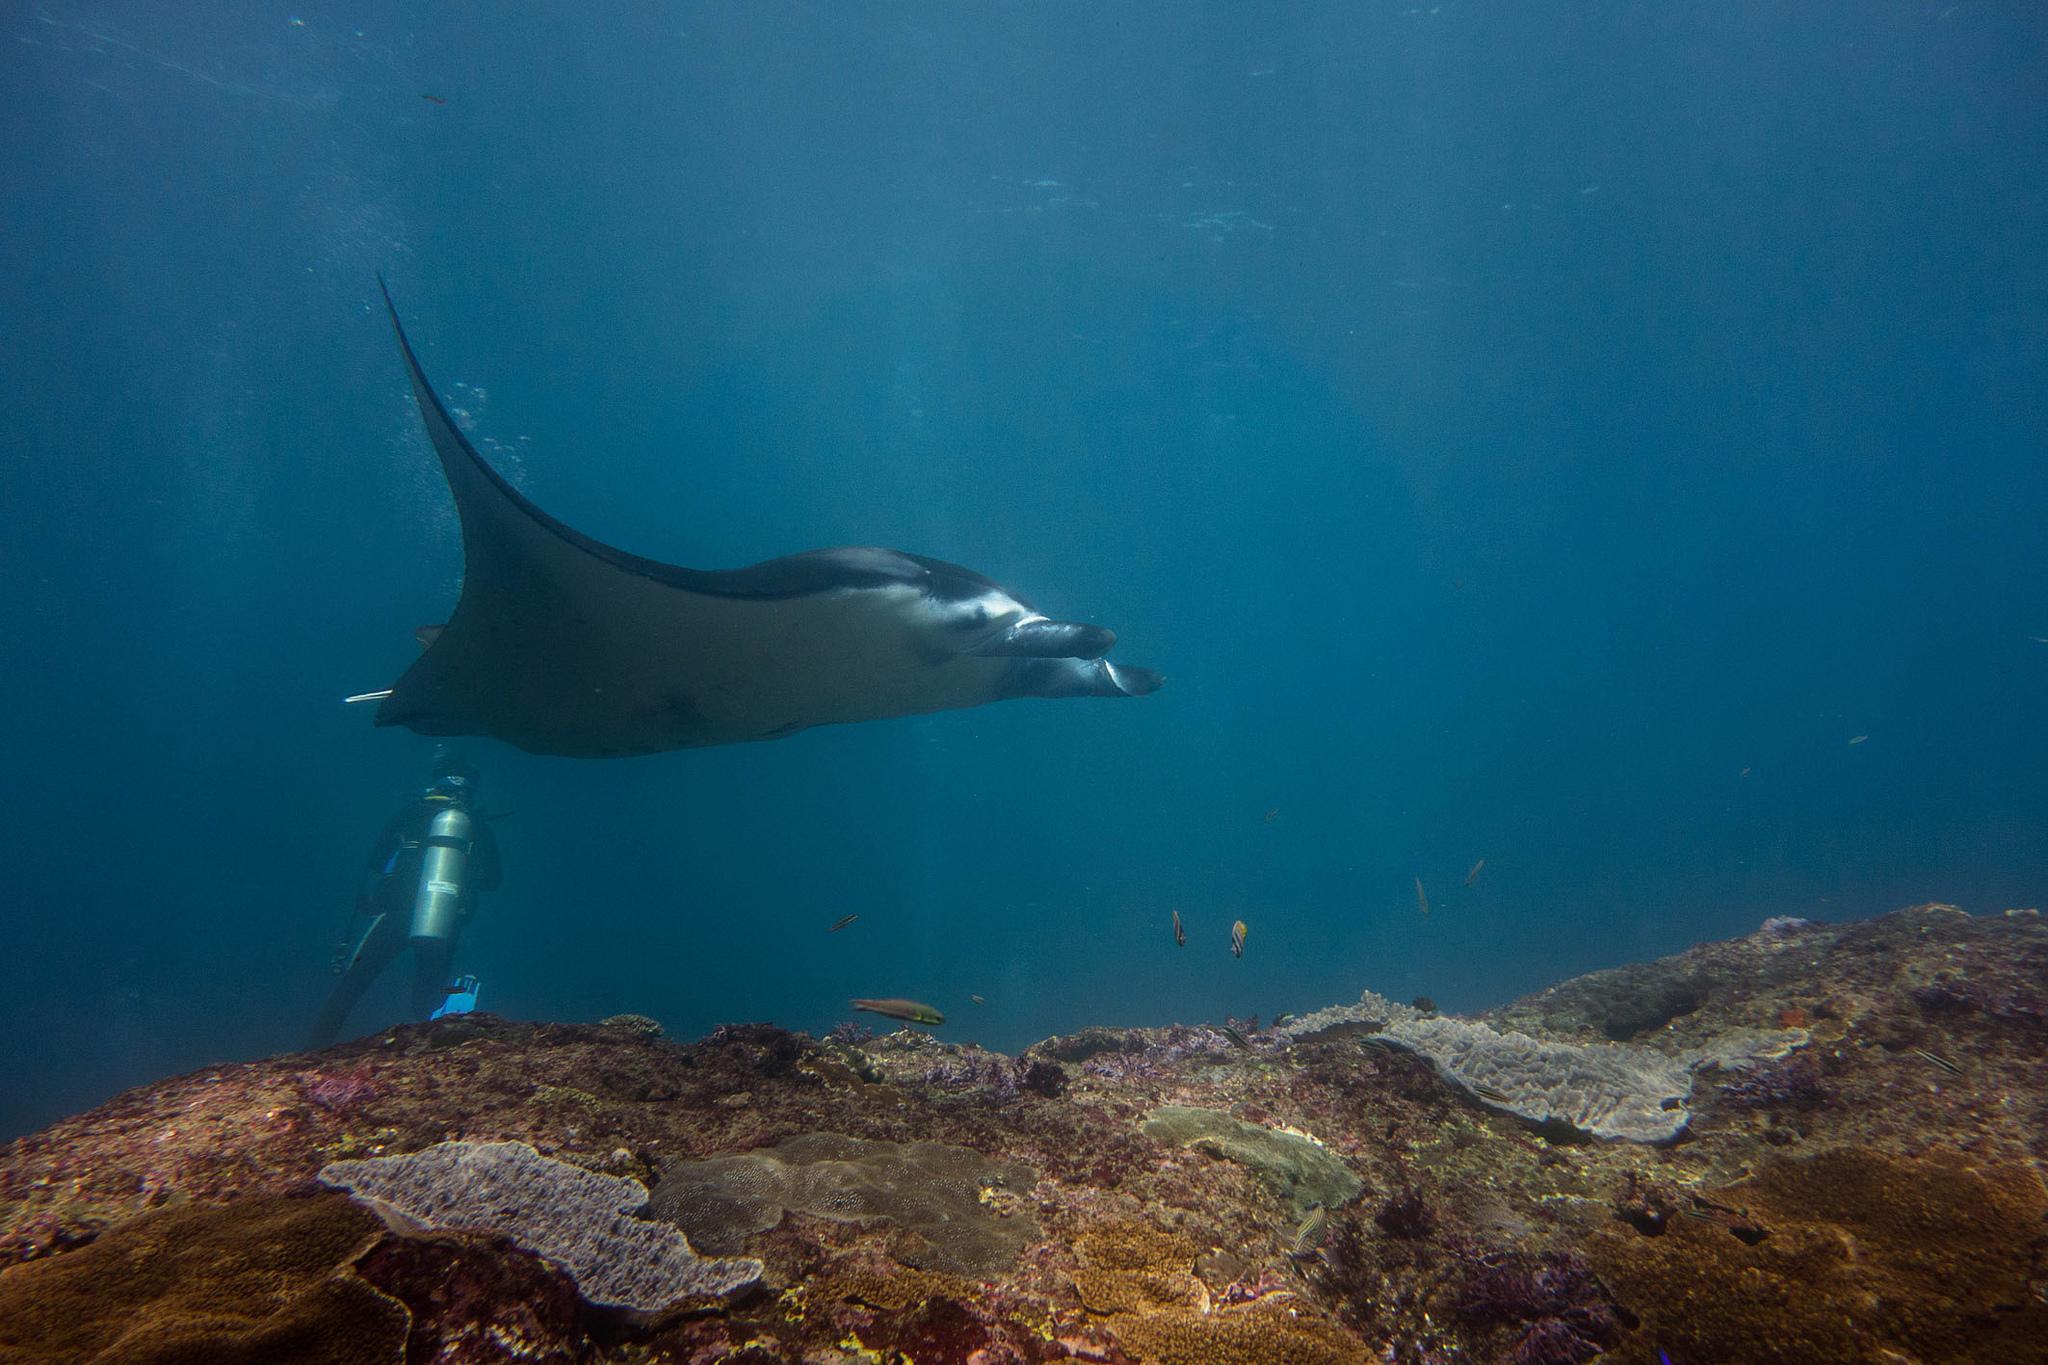 Dykning ved Gili øerne